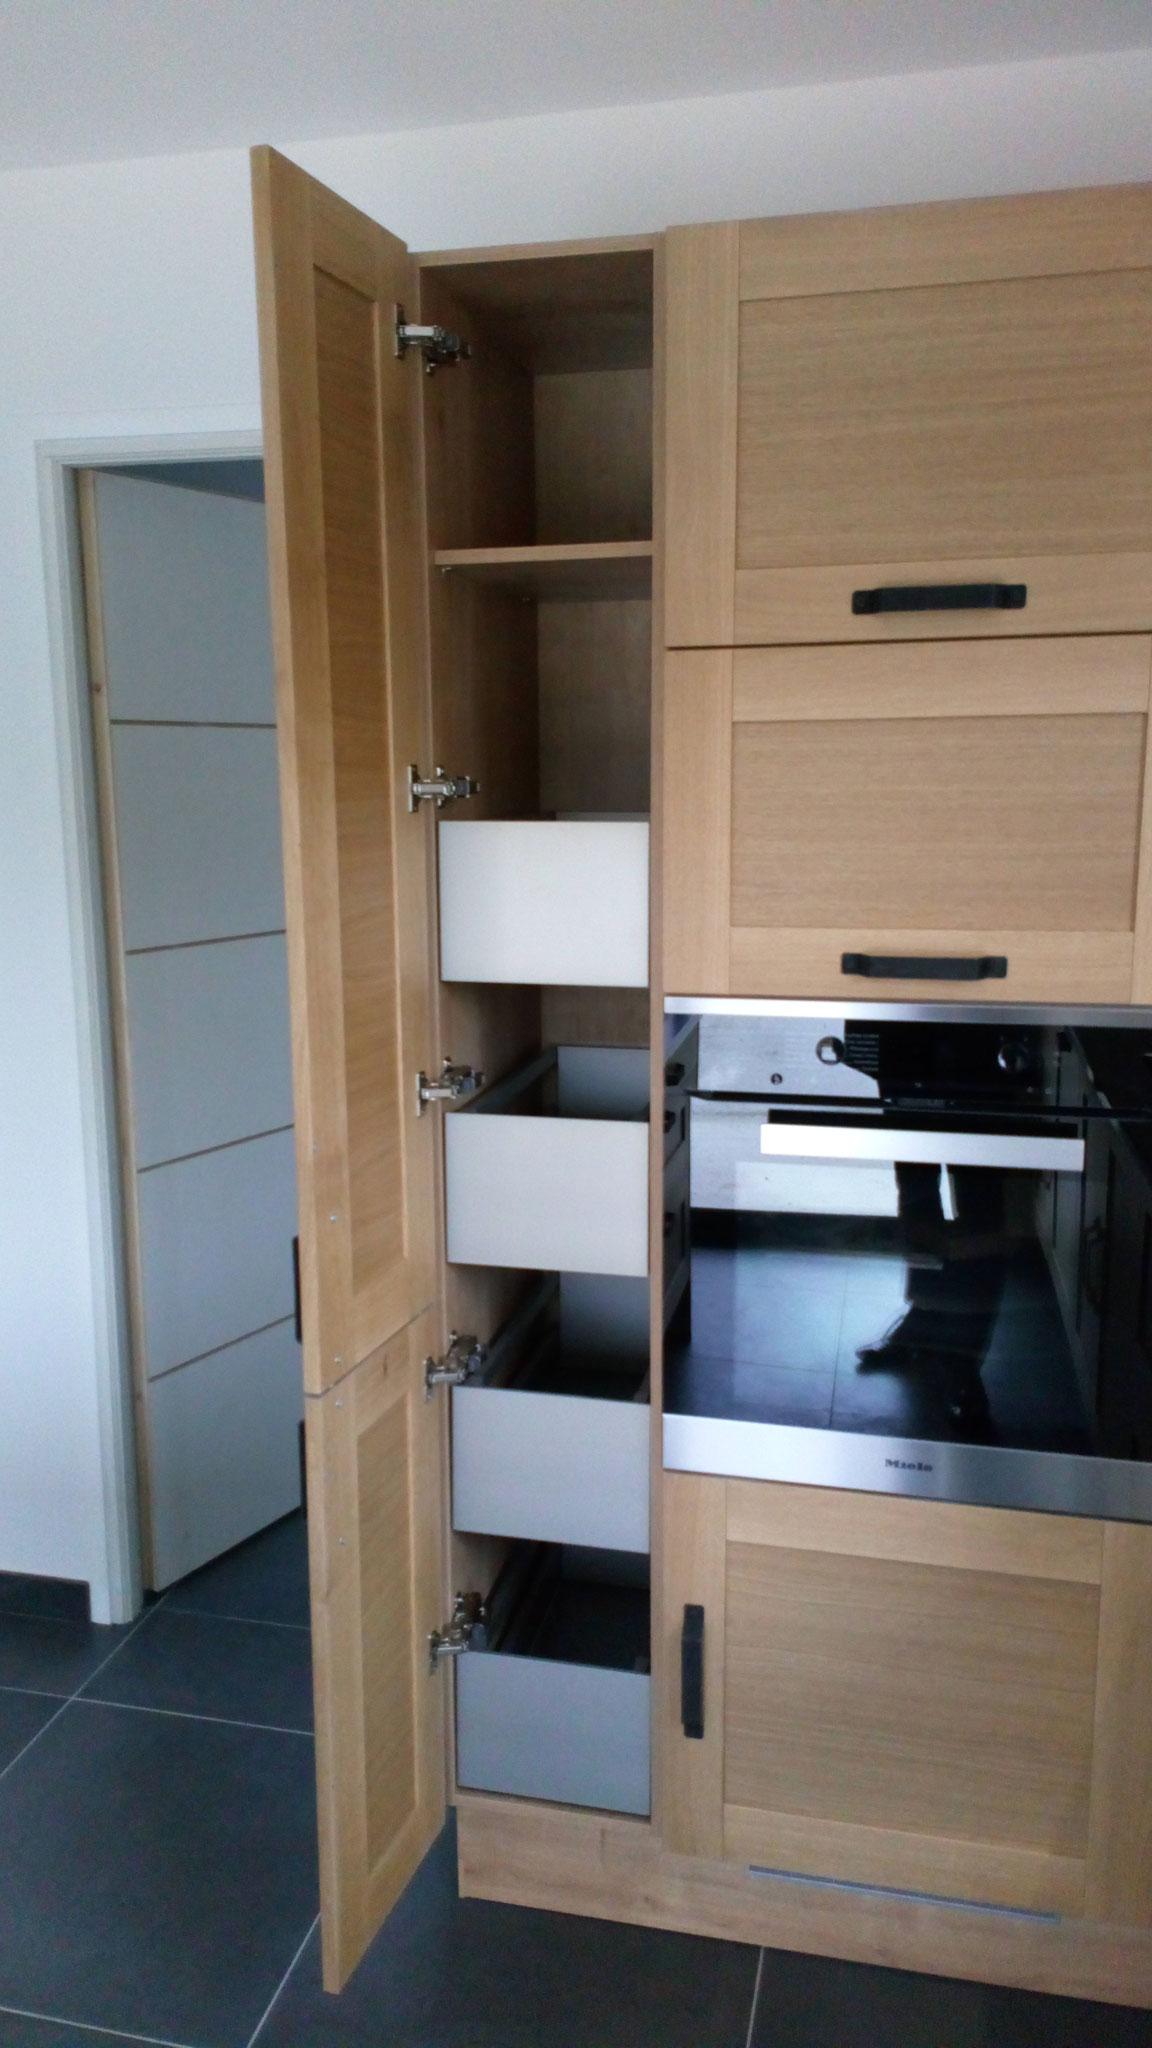 Armoire avec tiroirs à l'anglaise - tiroirs intérieurs